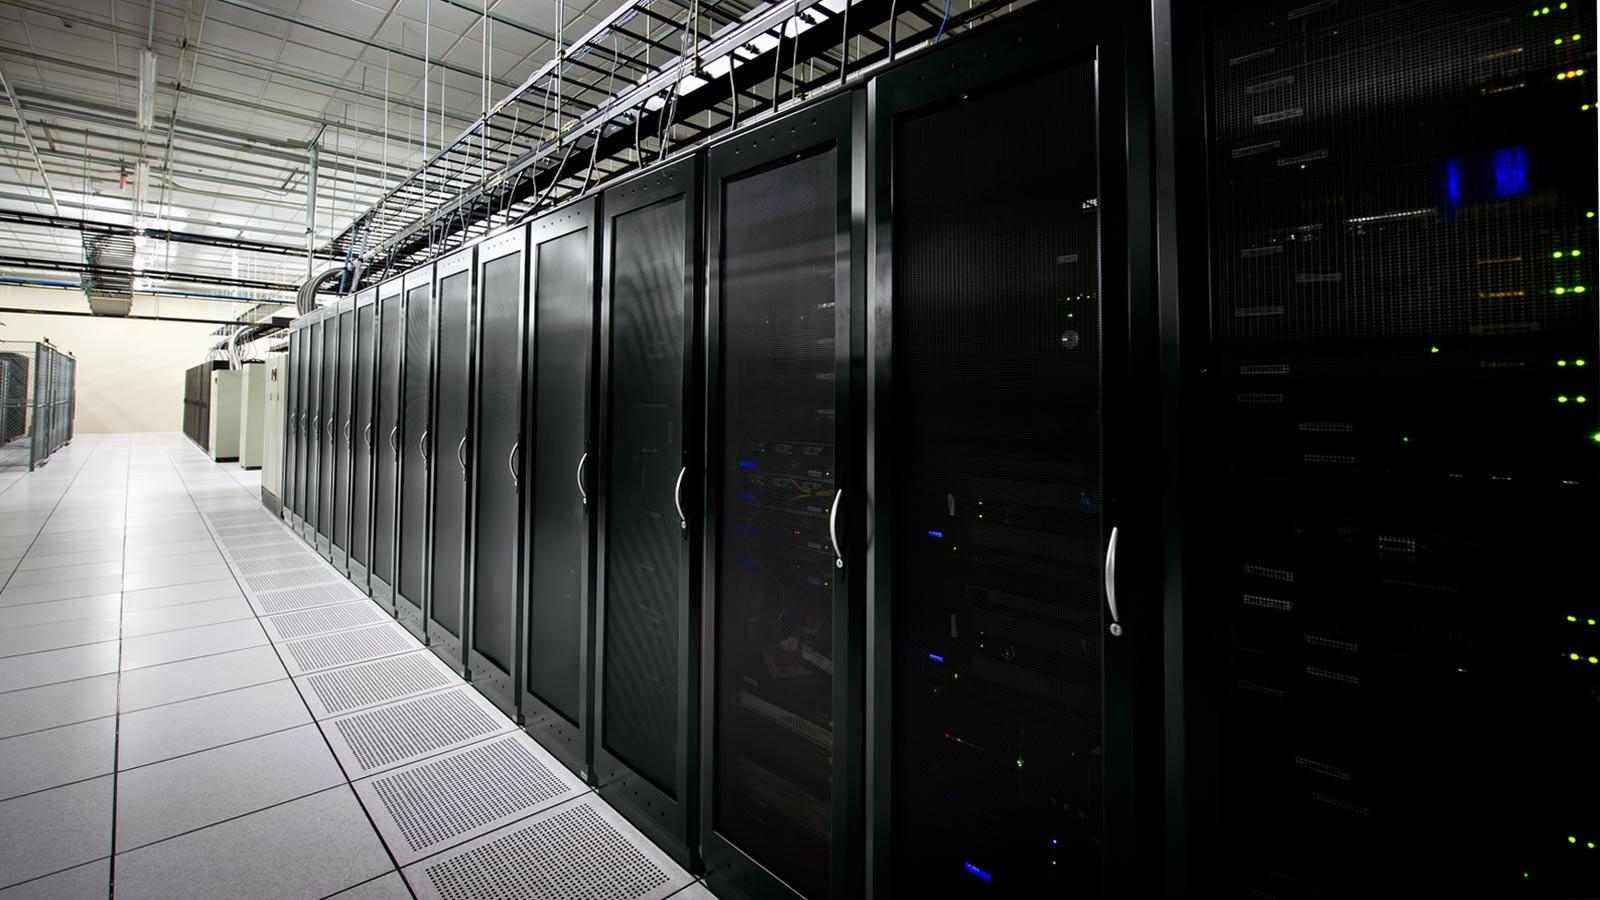 Ja, es gibt einen Unterschied ob man seine Daten online in den USA oder in Europa aufbewahrt.